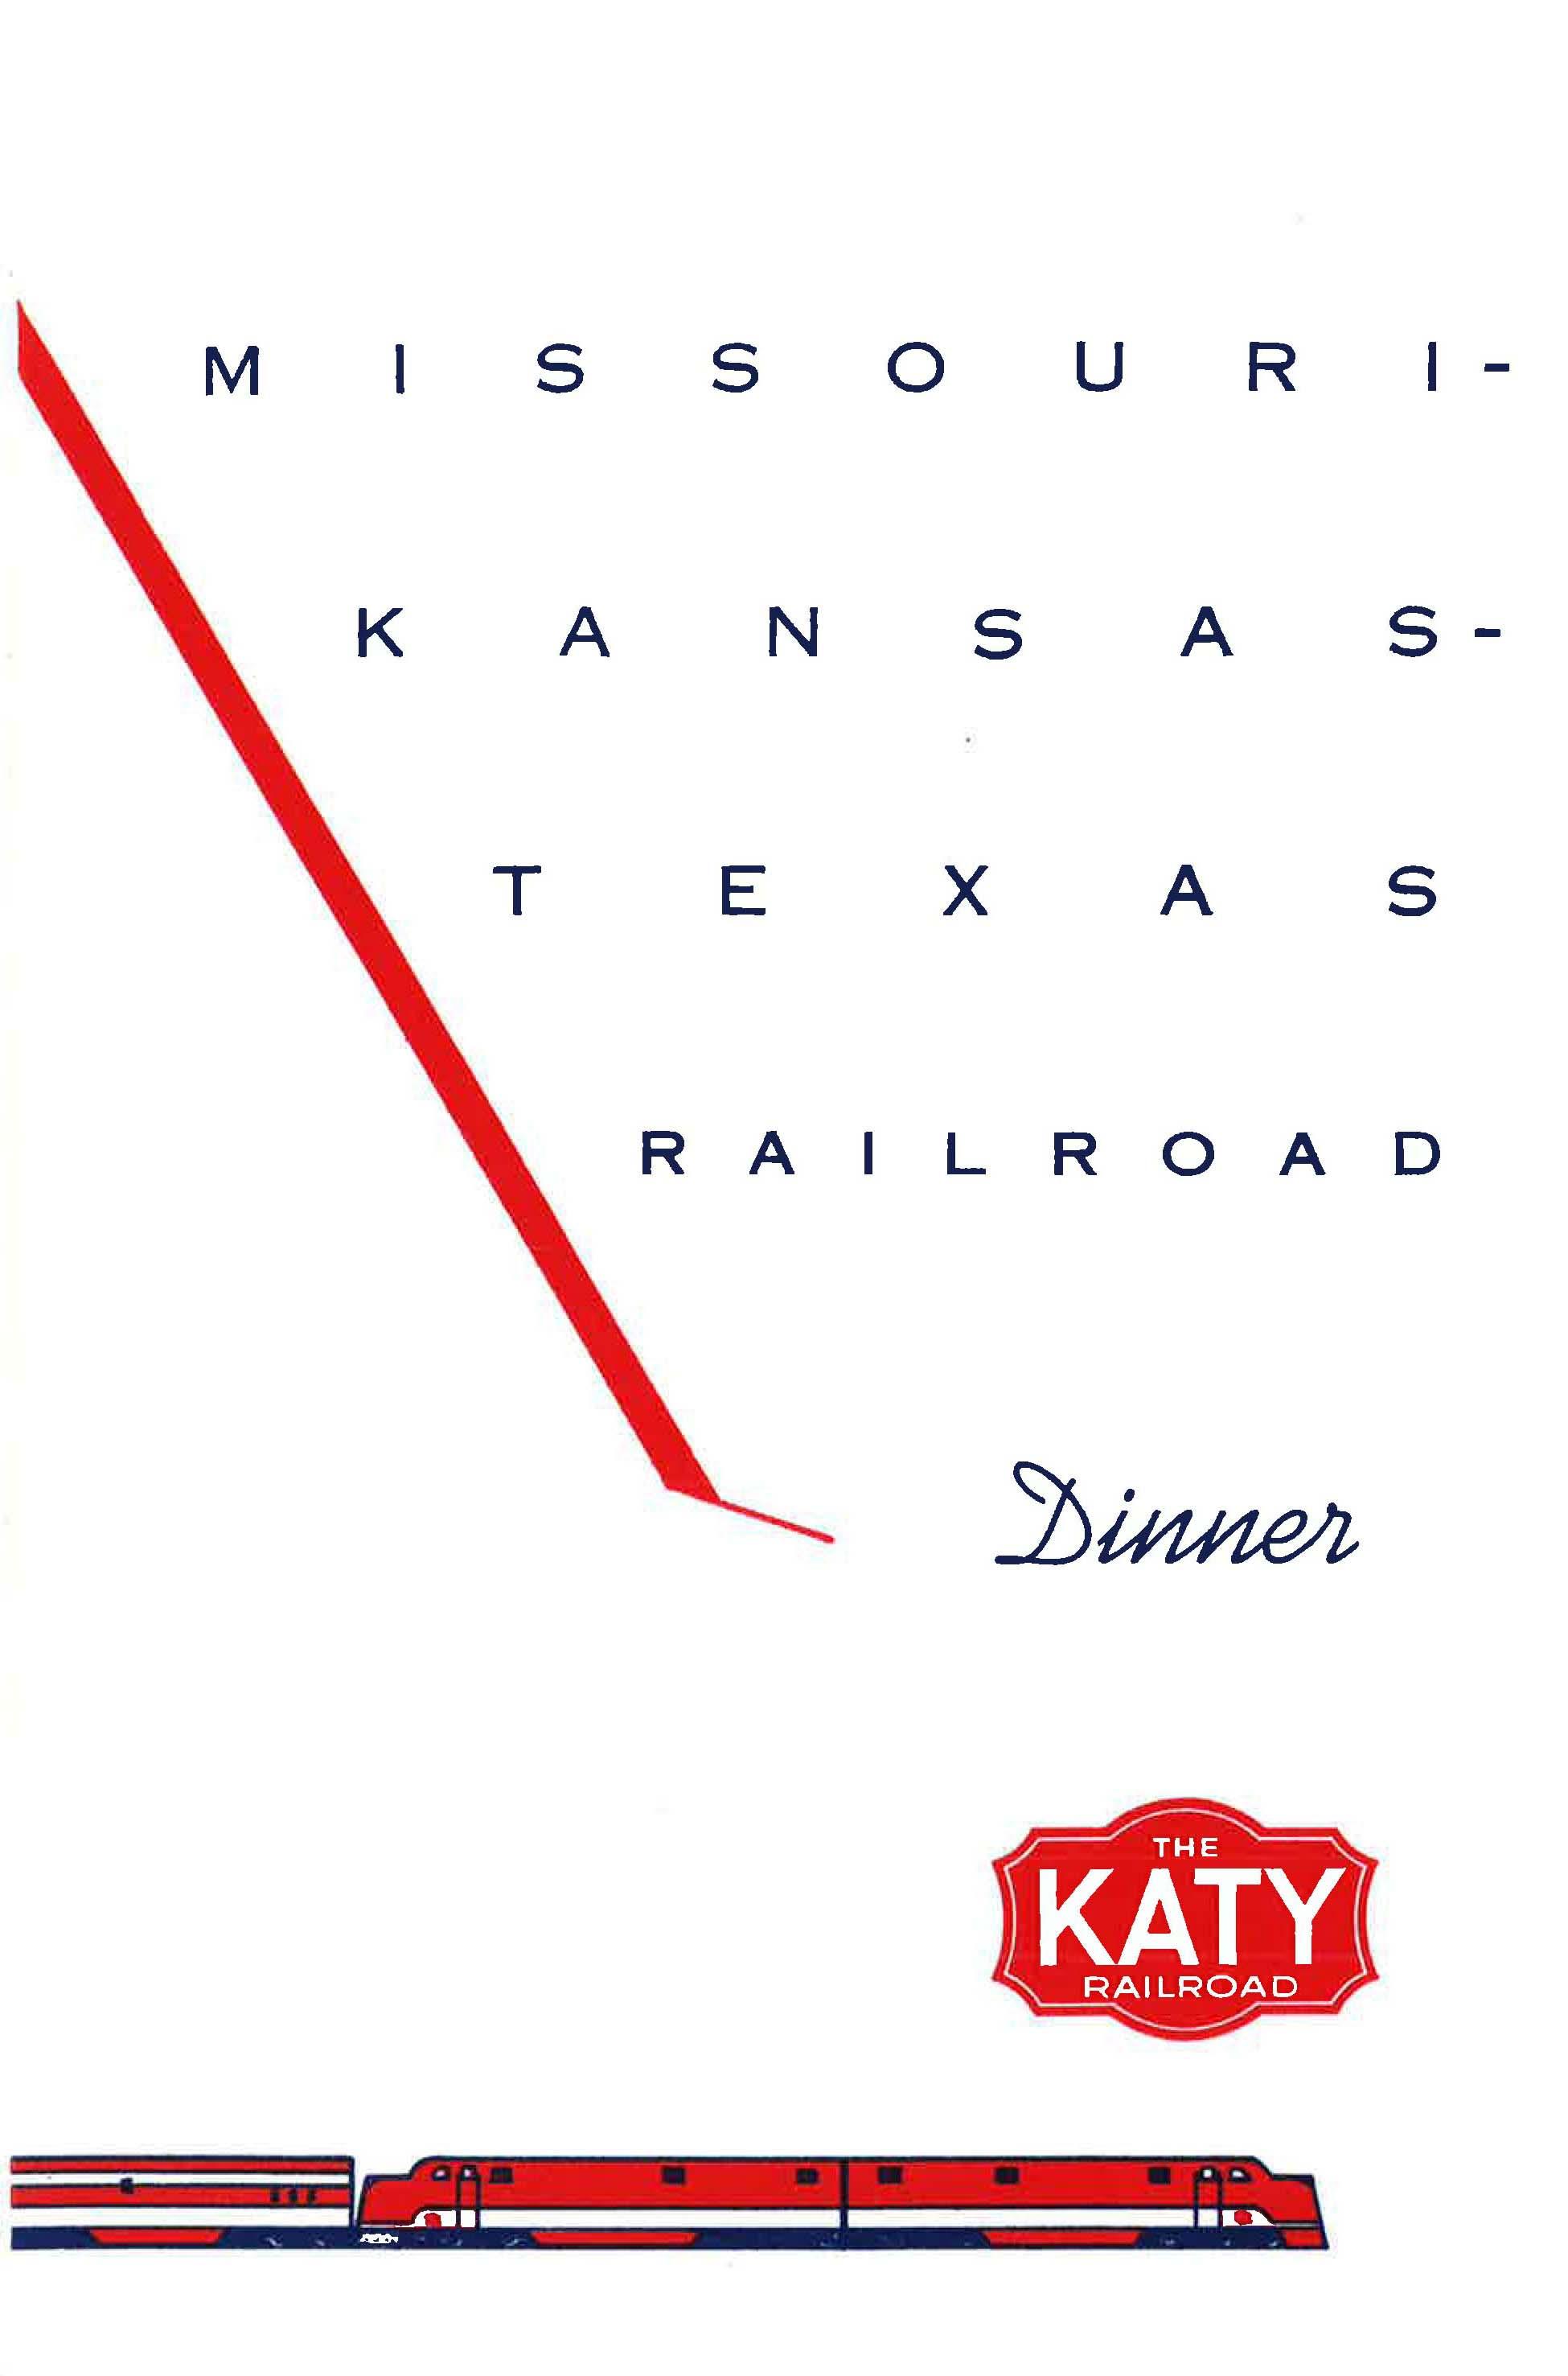 Katy+Railroad+-+MKT++Railroad+Dinner+Menu 1a.jpg